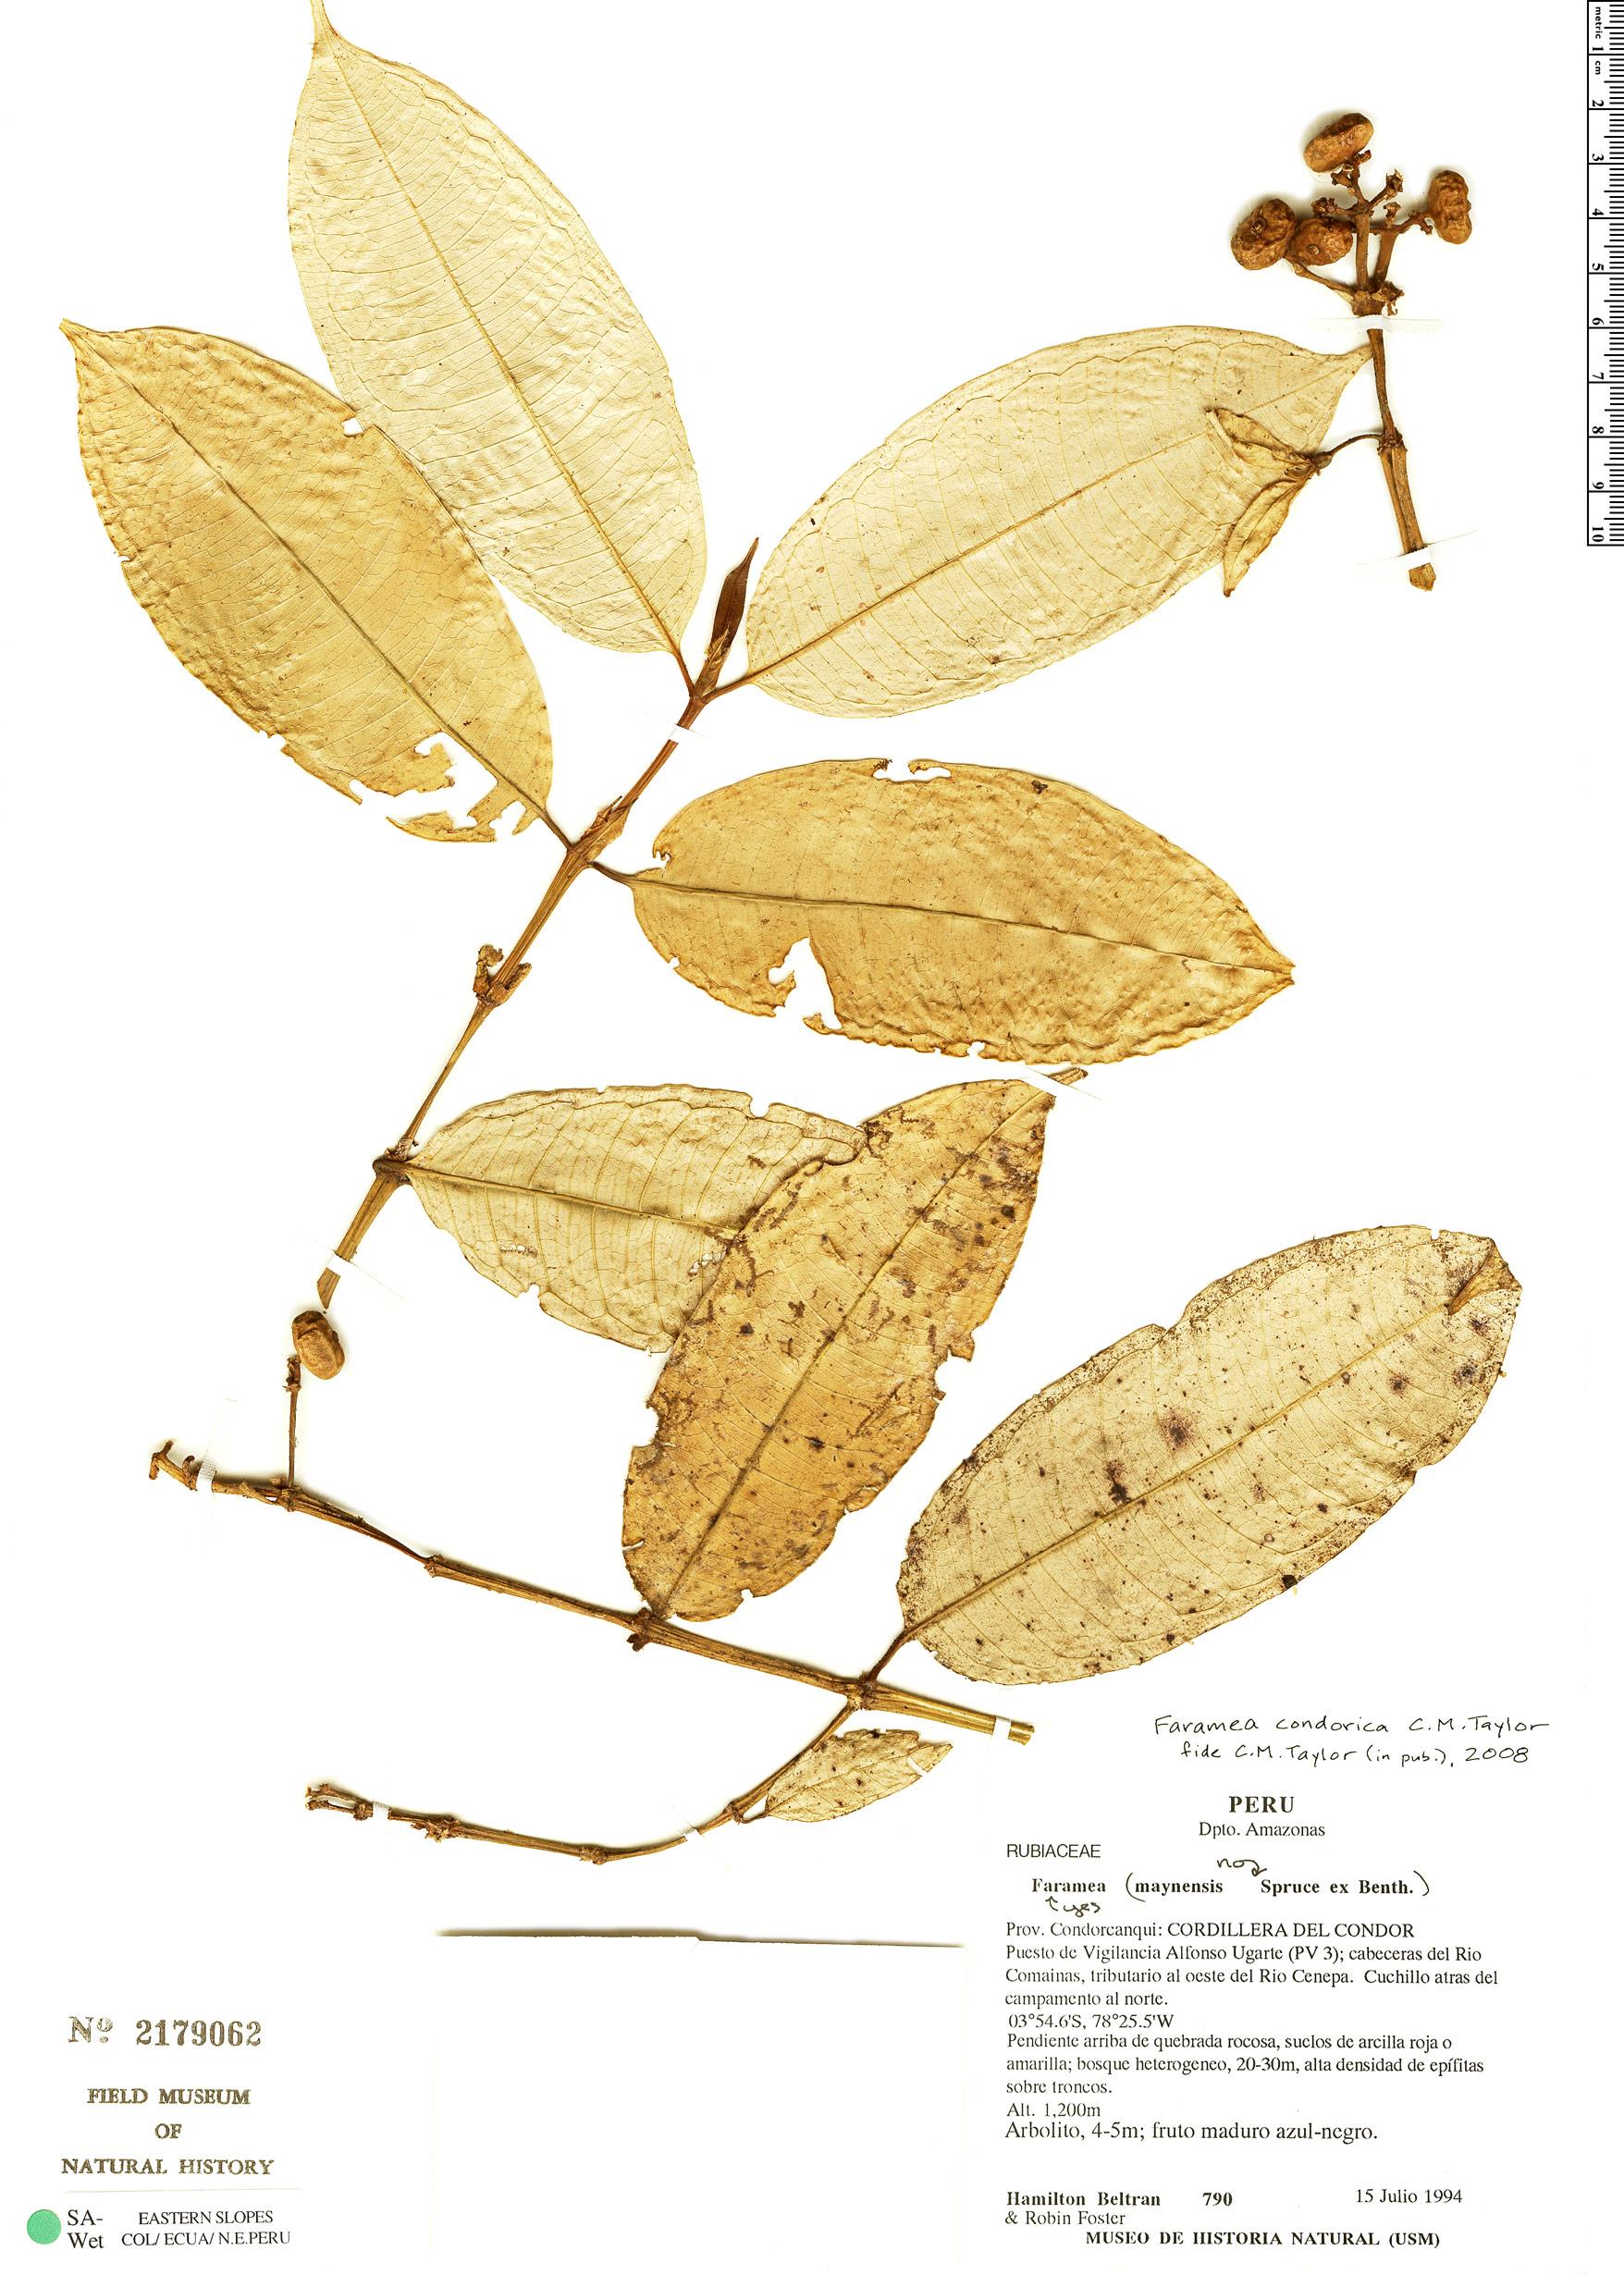 Specimen: Faramea condorica